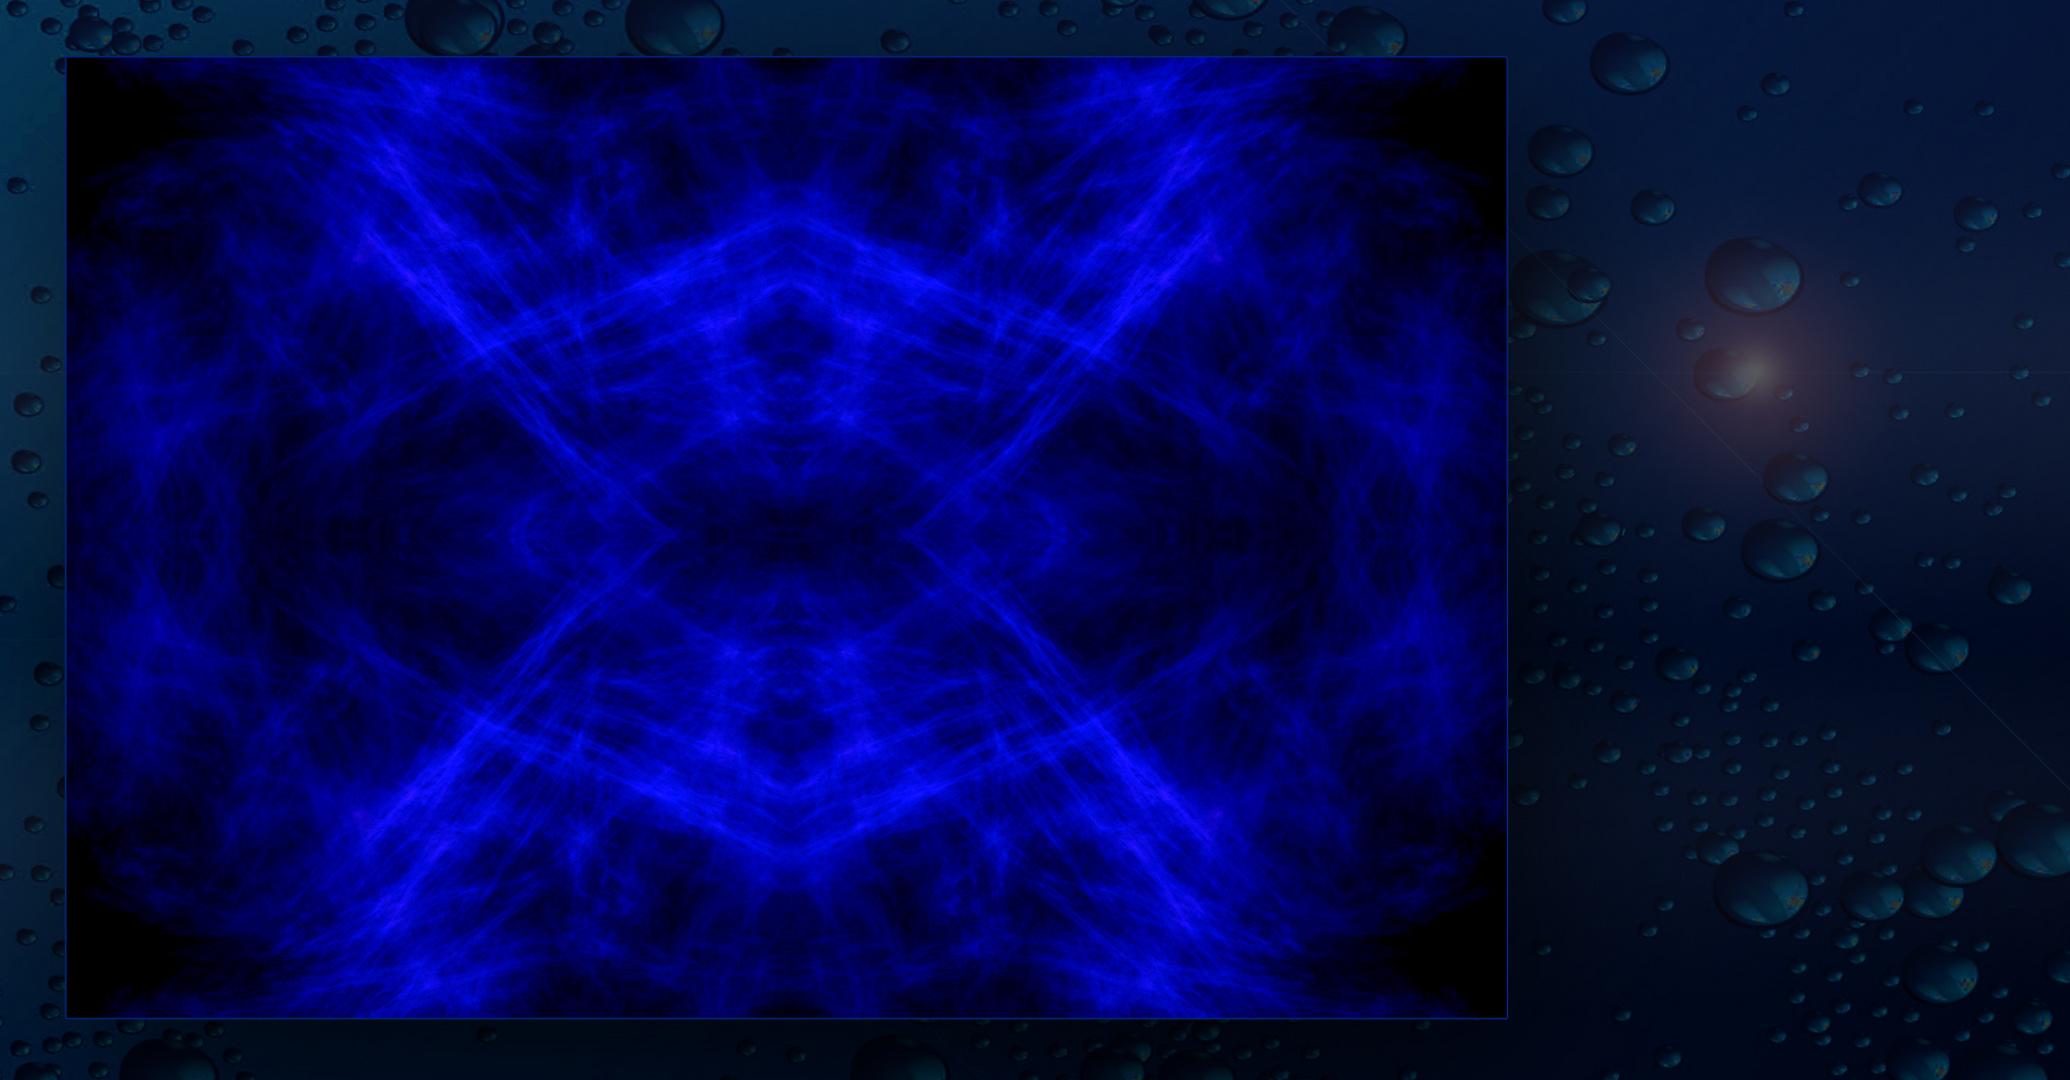 Kraft der Farben – die Farbe Blau